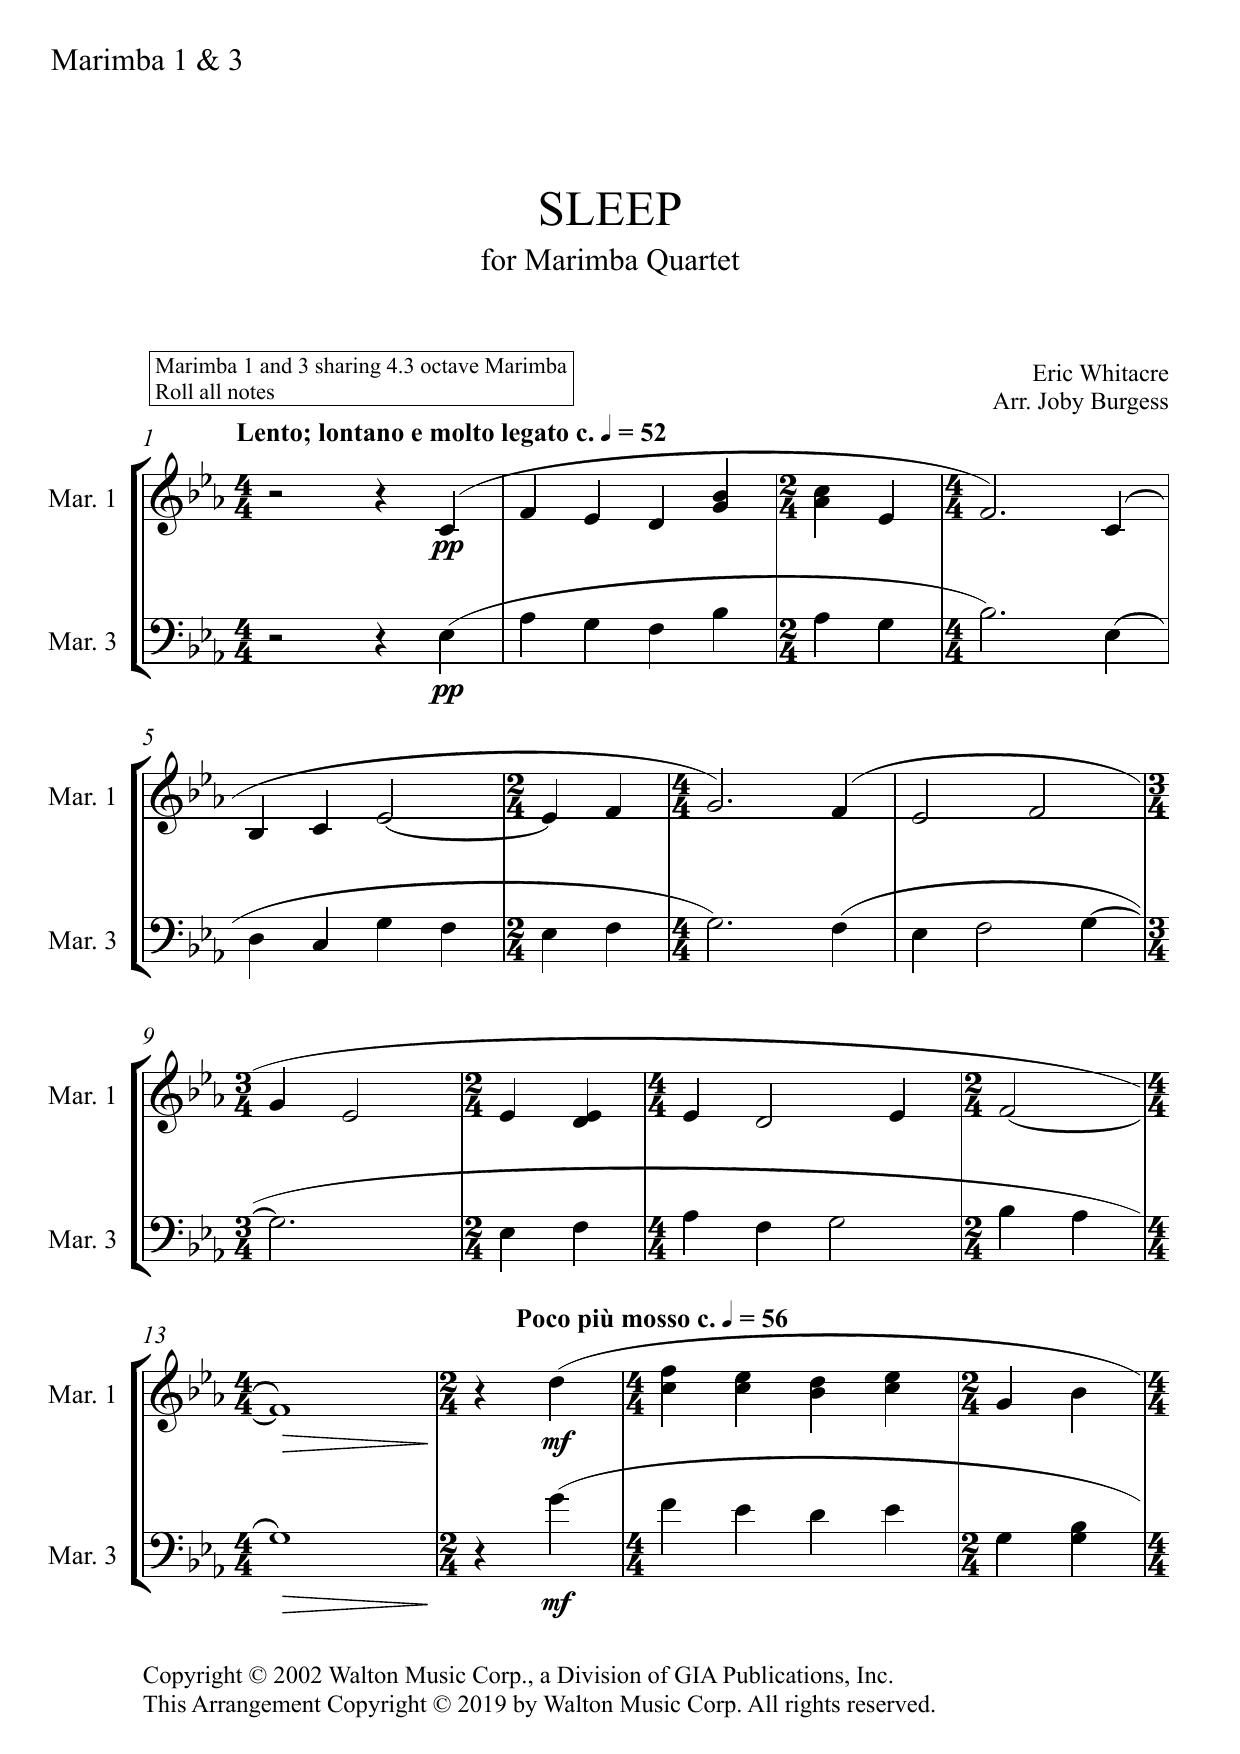 Sleep for Marimba Quartet (arr. Joby Burgess) - MARIMBA 1 & 3 Partituras Digitales